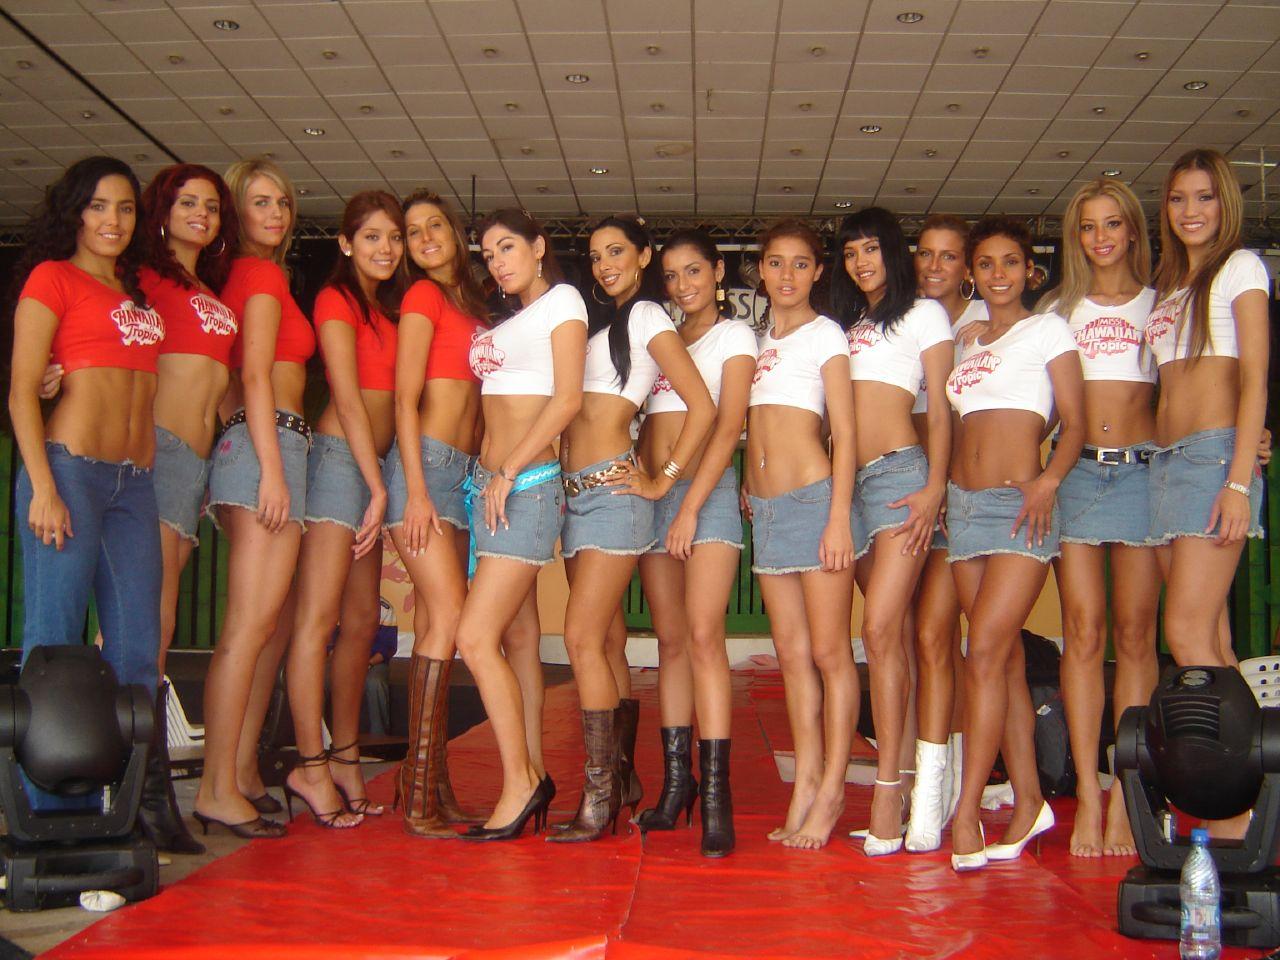 Miss Hawaiian Tropic 2006